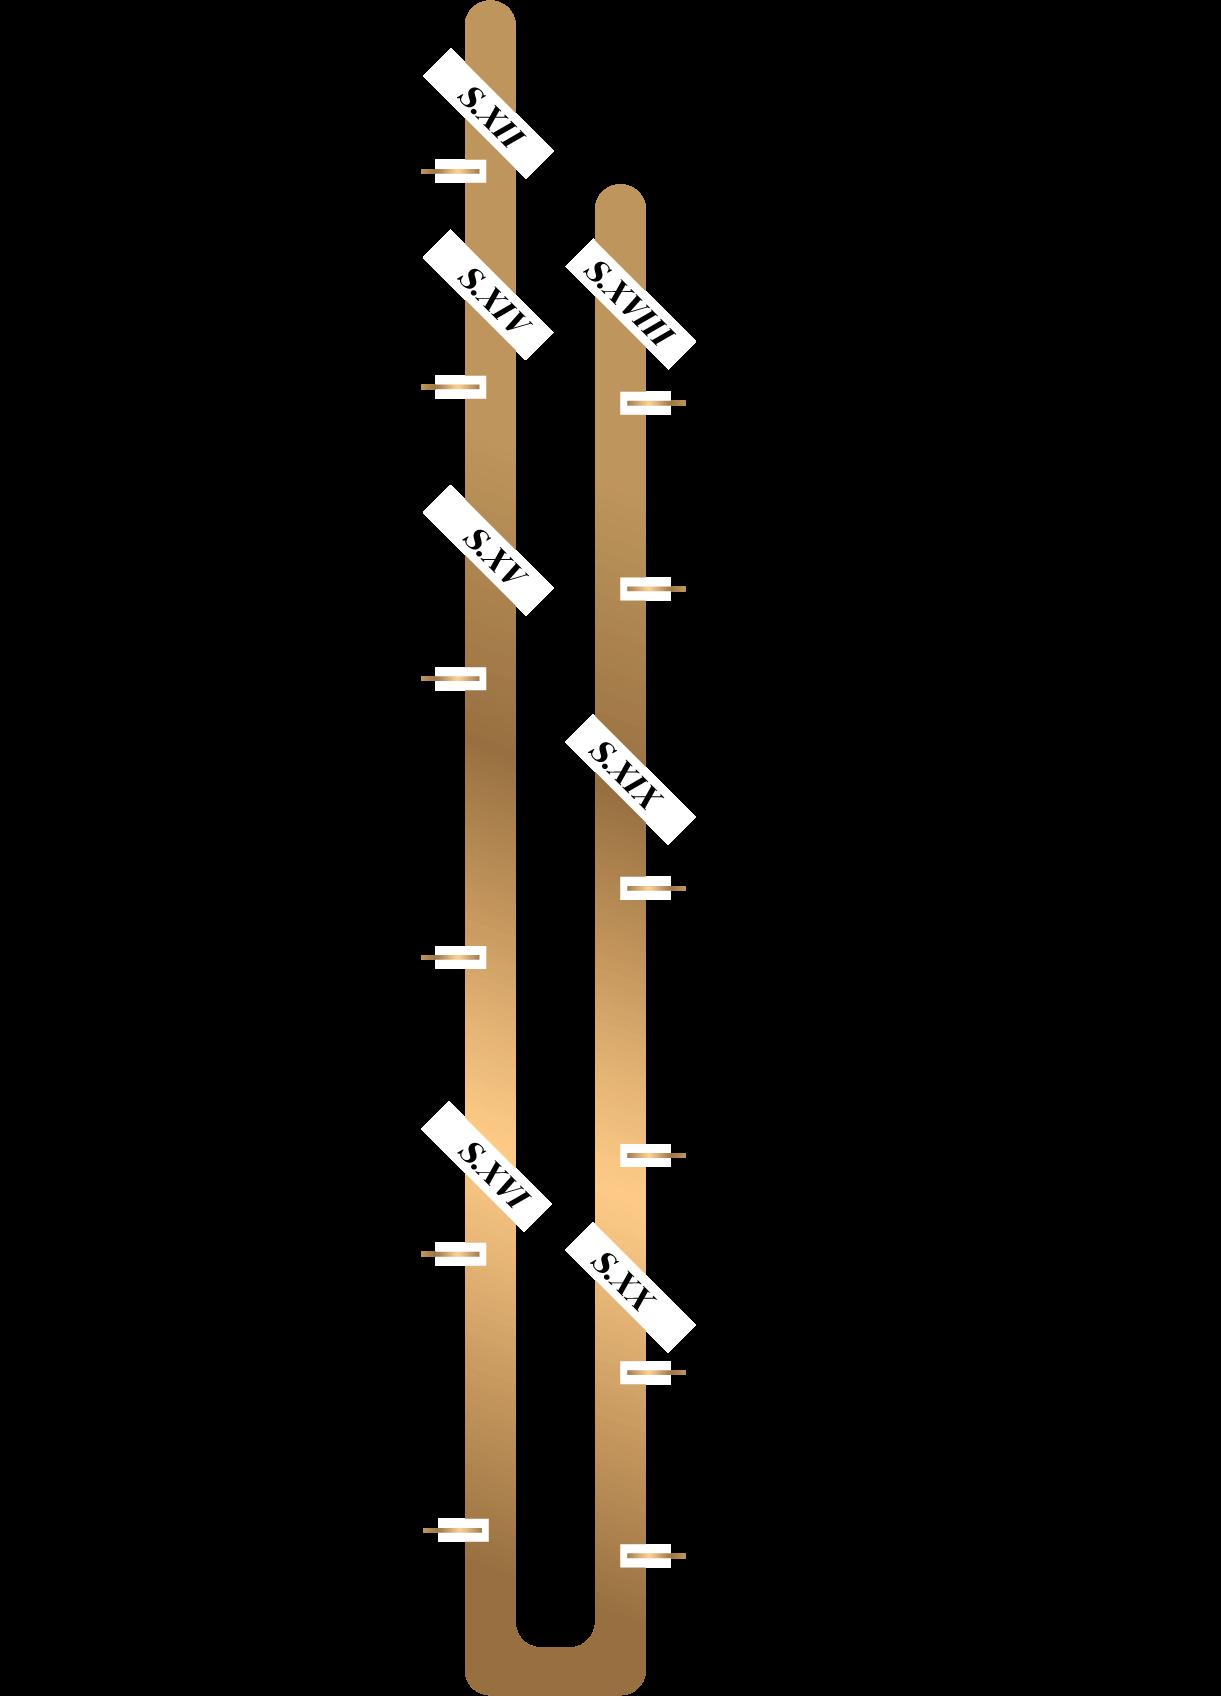 linea tiempo camino de las reinas